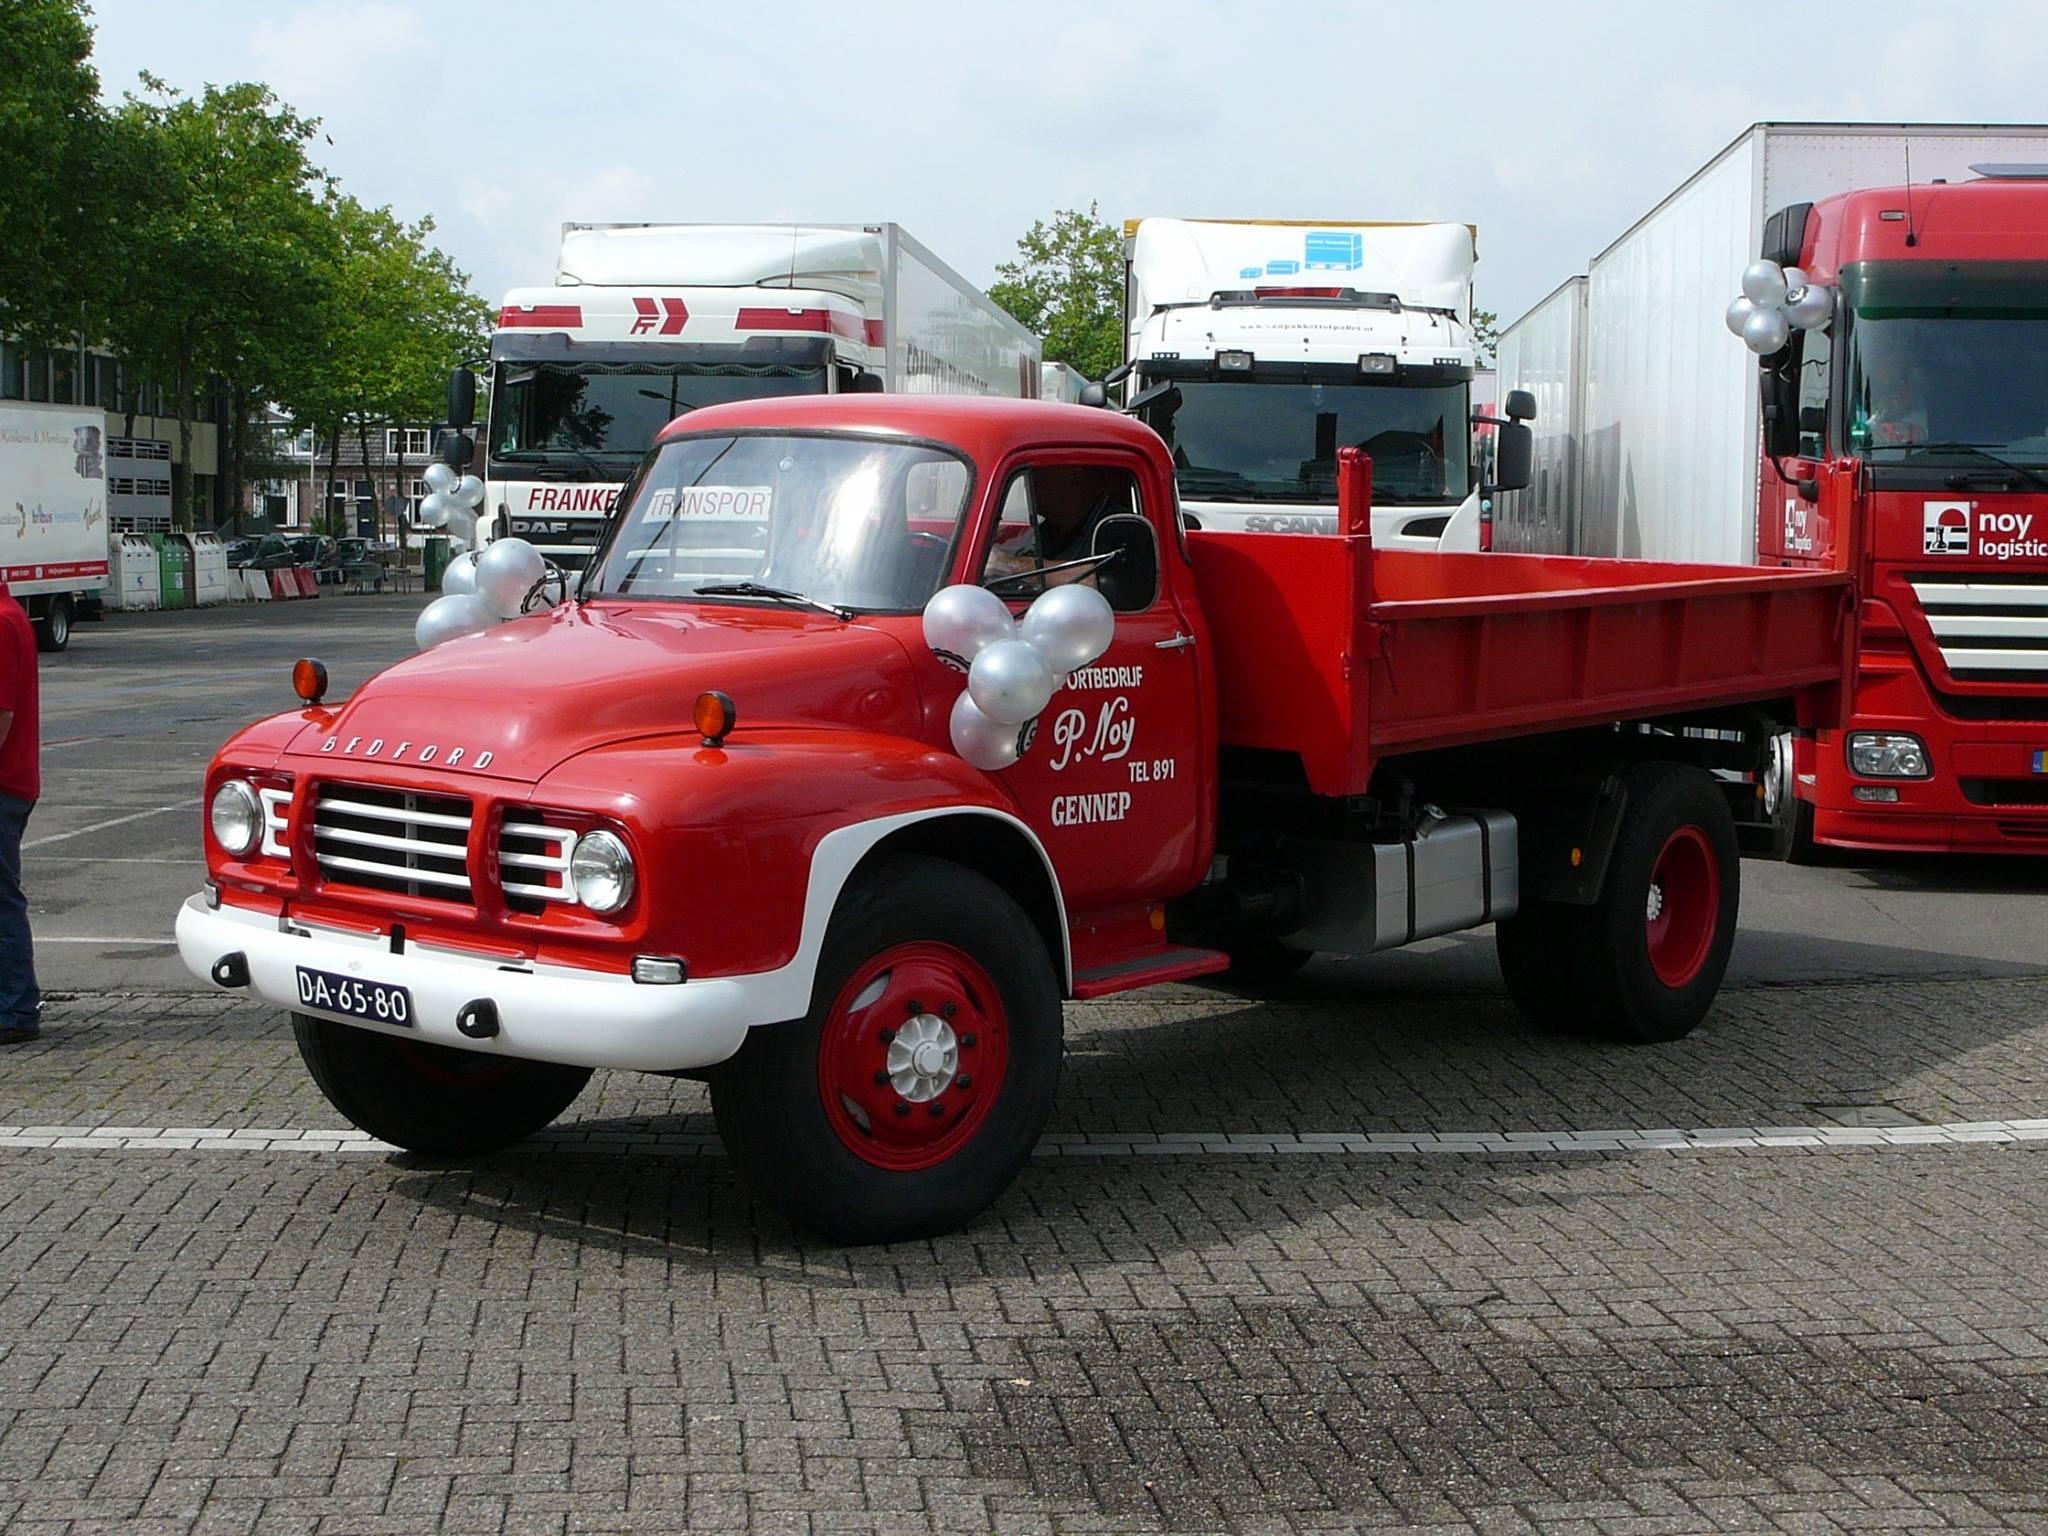 Bedford---De-jubileum-vrachtwagen-zegening-was-erg-geslaagd--2014